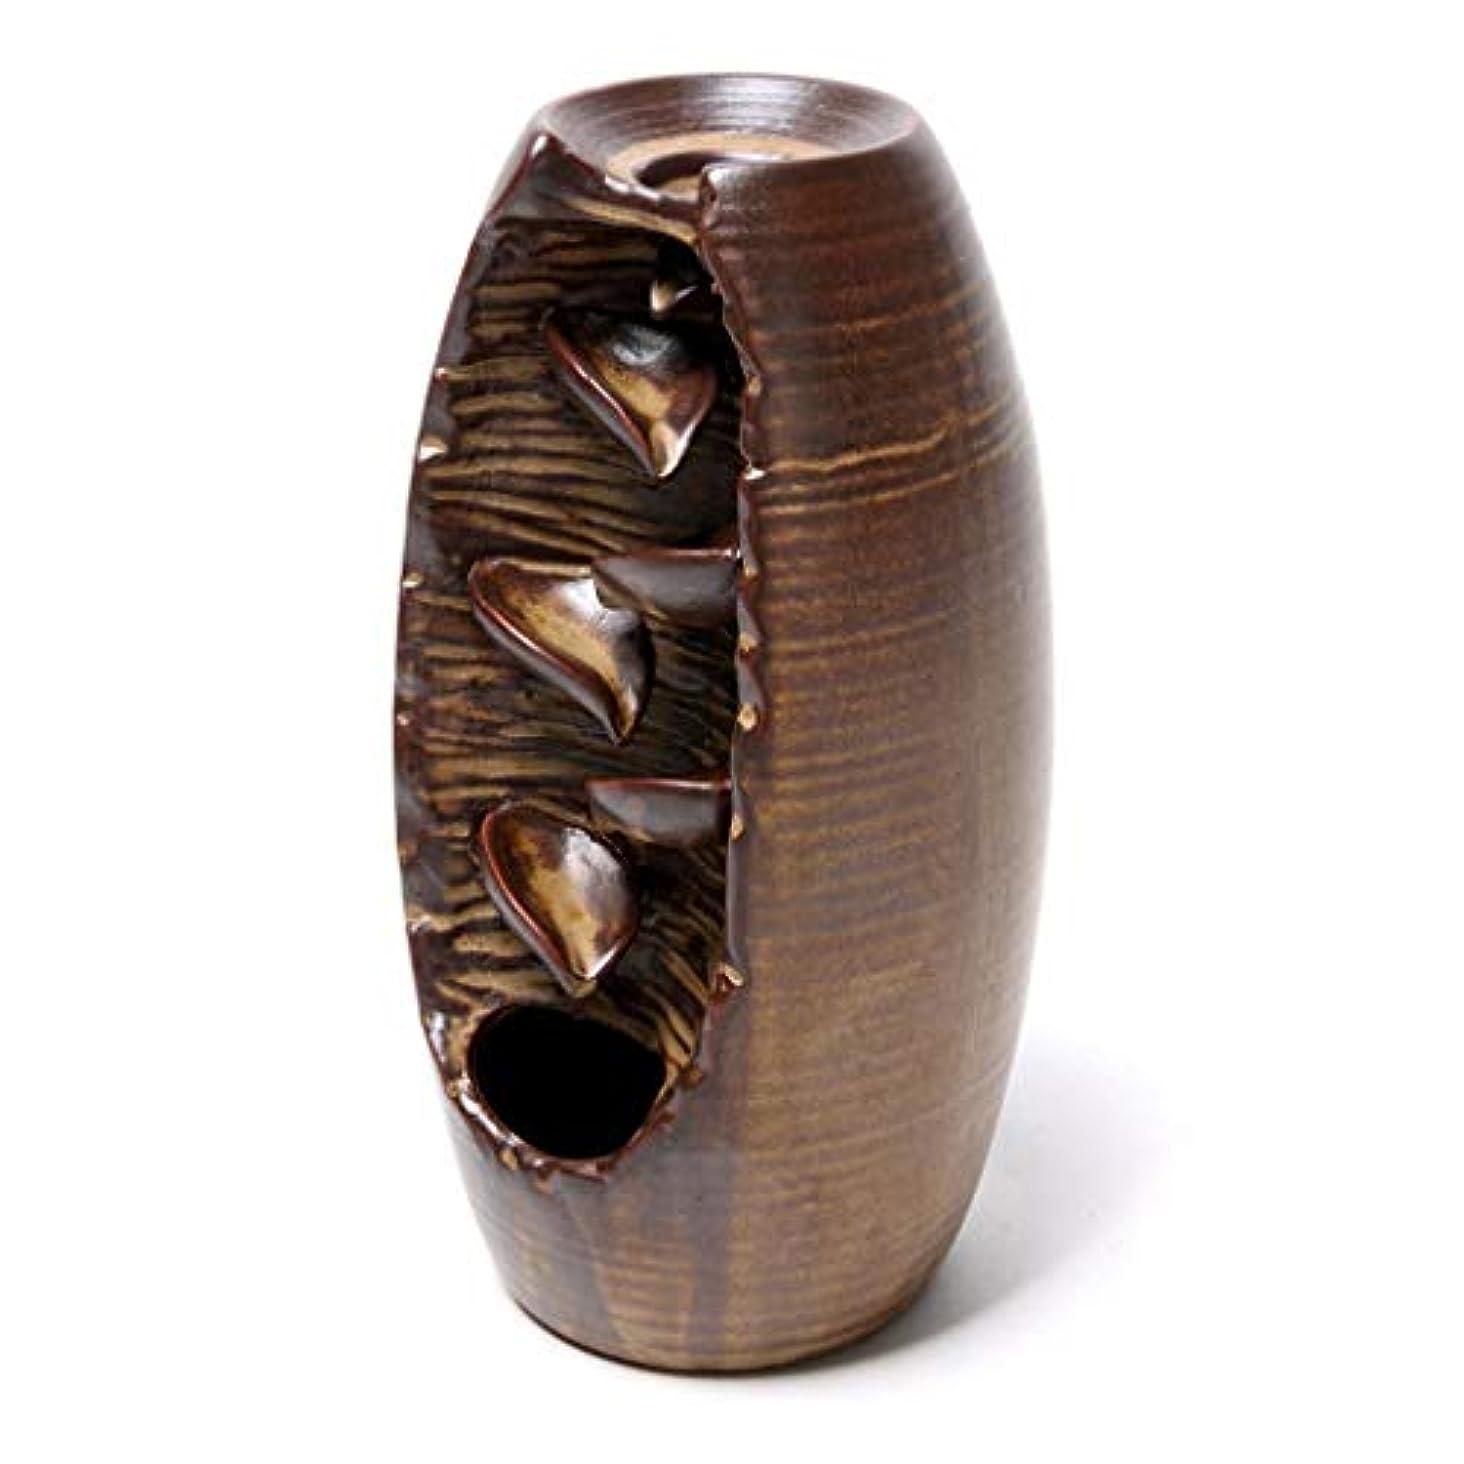 恥ずかしさ魅力的であることへのアピール識別するセラミック逆流香炉逆流香ホルダーホームセラミックオフィス香コーンホルダーバーナーアロマセラピー炉 (Color : Brown, サイズ : 3.54*8.07 inches)